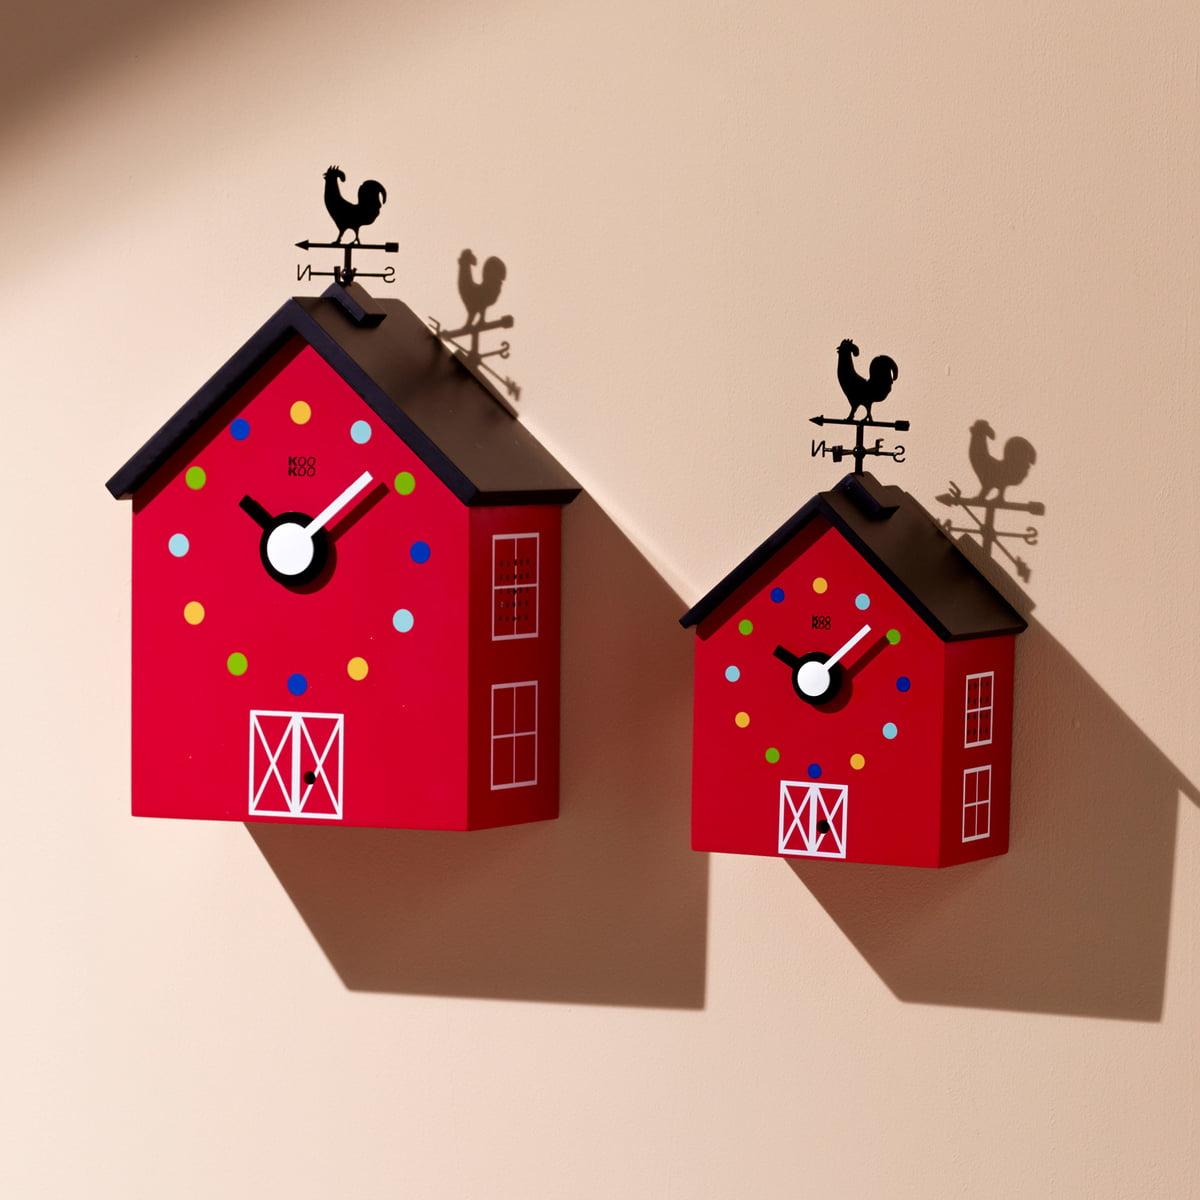 Buy The Redbarn Wall Clock By Kookoo Online